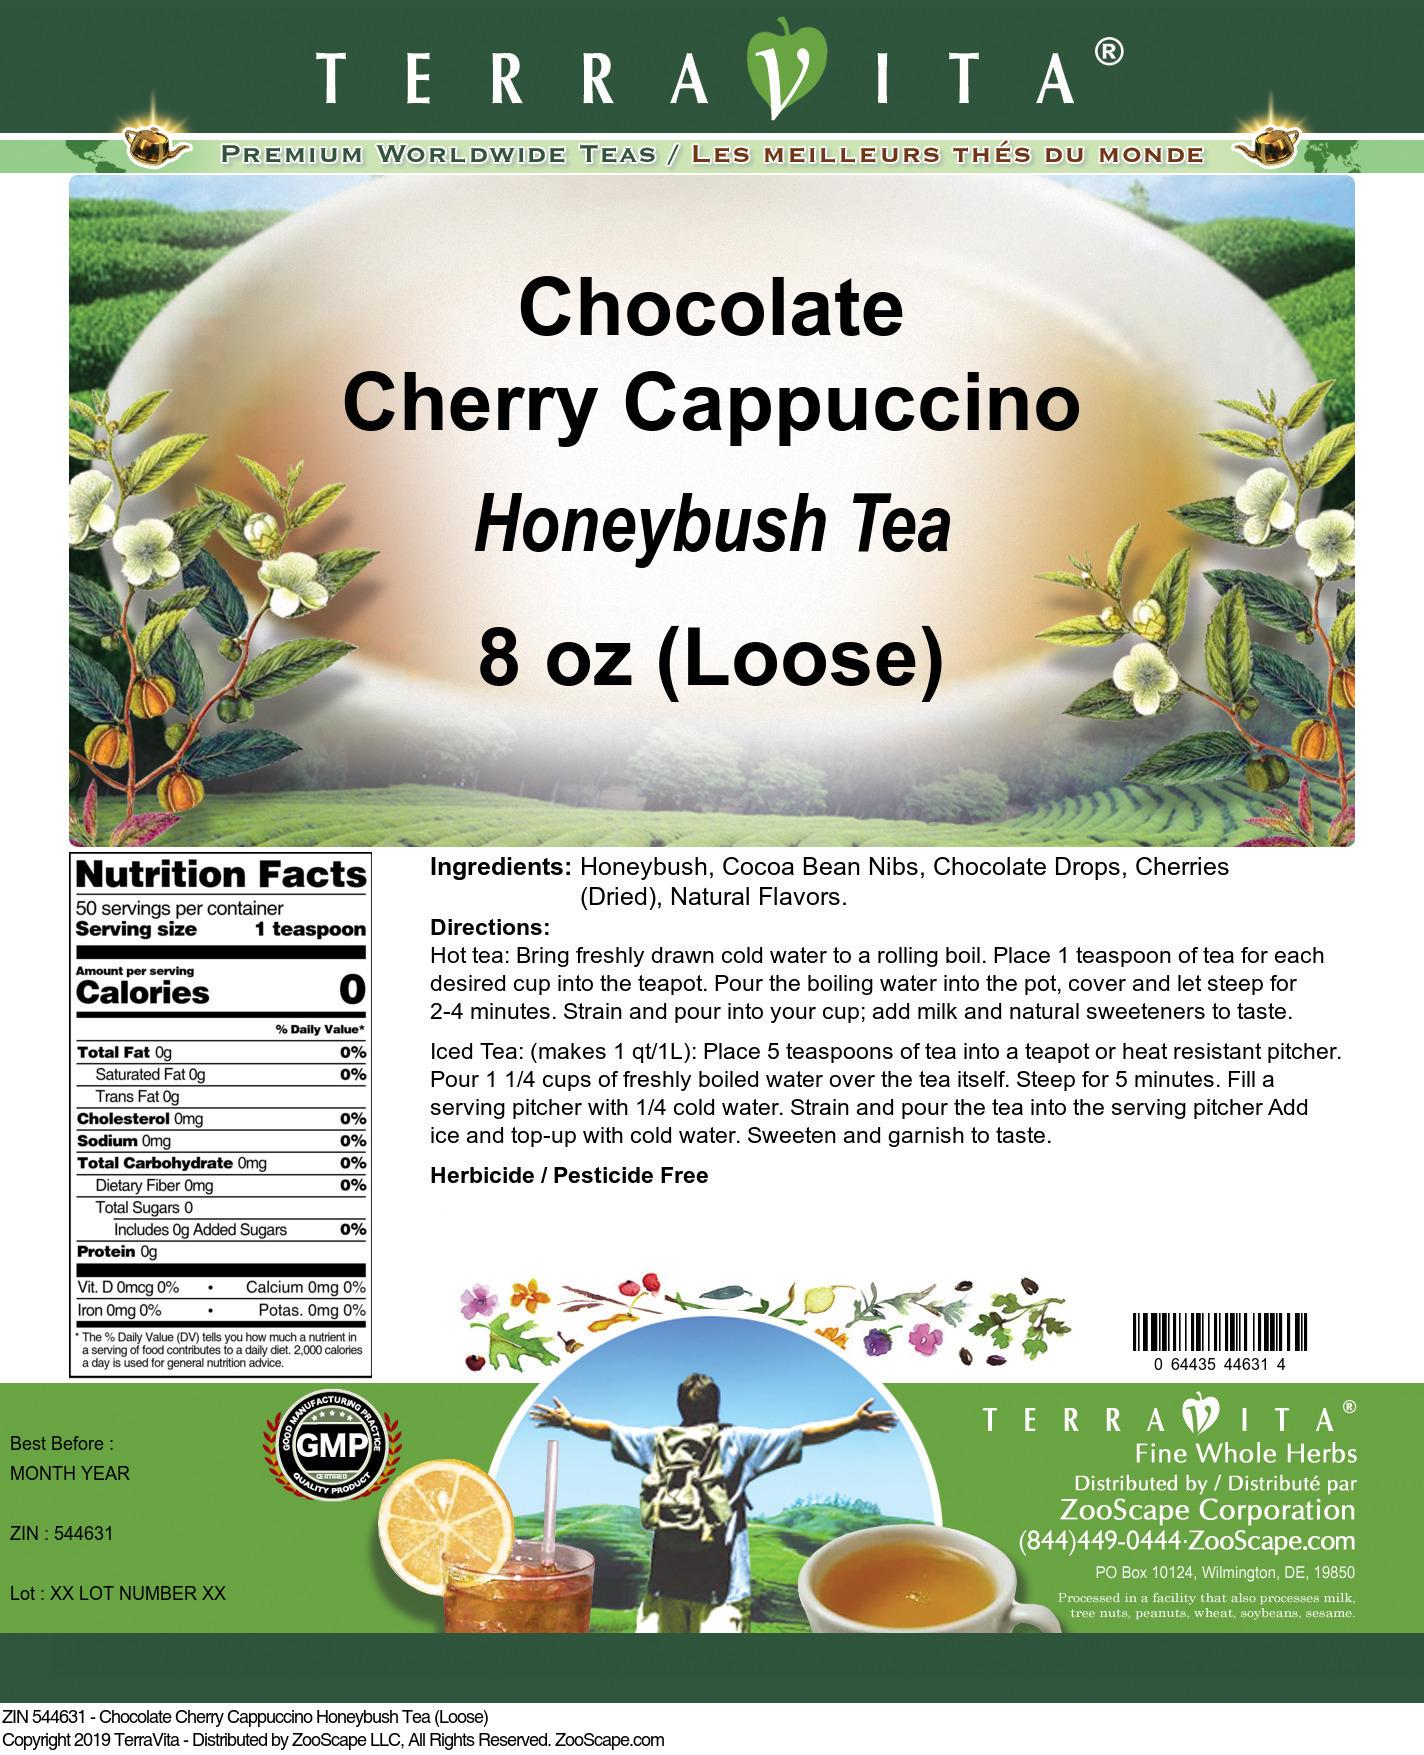 Chocolate Cherry Cappuccino Honeybush Tea